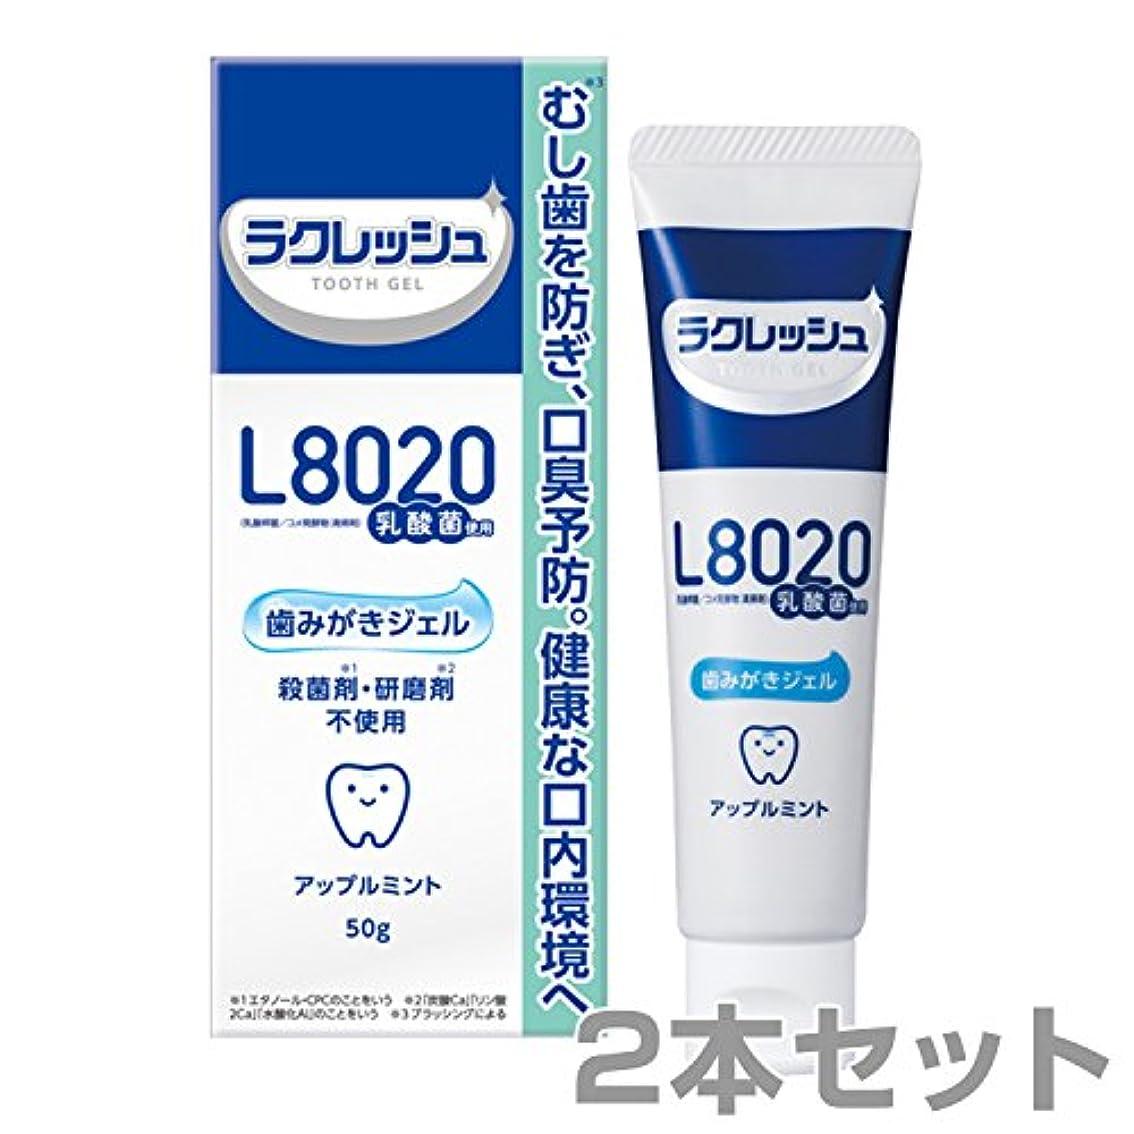 夢パッチ慣れるジェクス(JEX) ラクレッシュ L8020 乳酸菌 歯みがきジェル (50g) 2本セット アップルミント風味